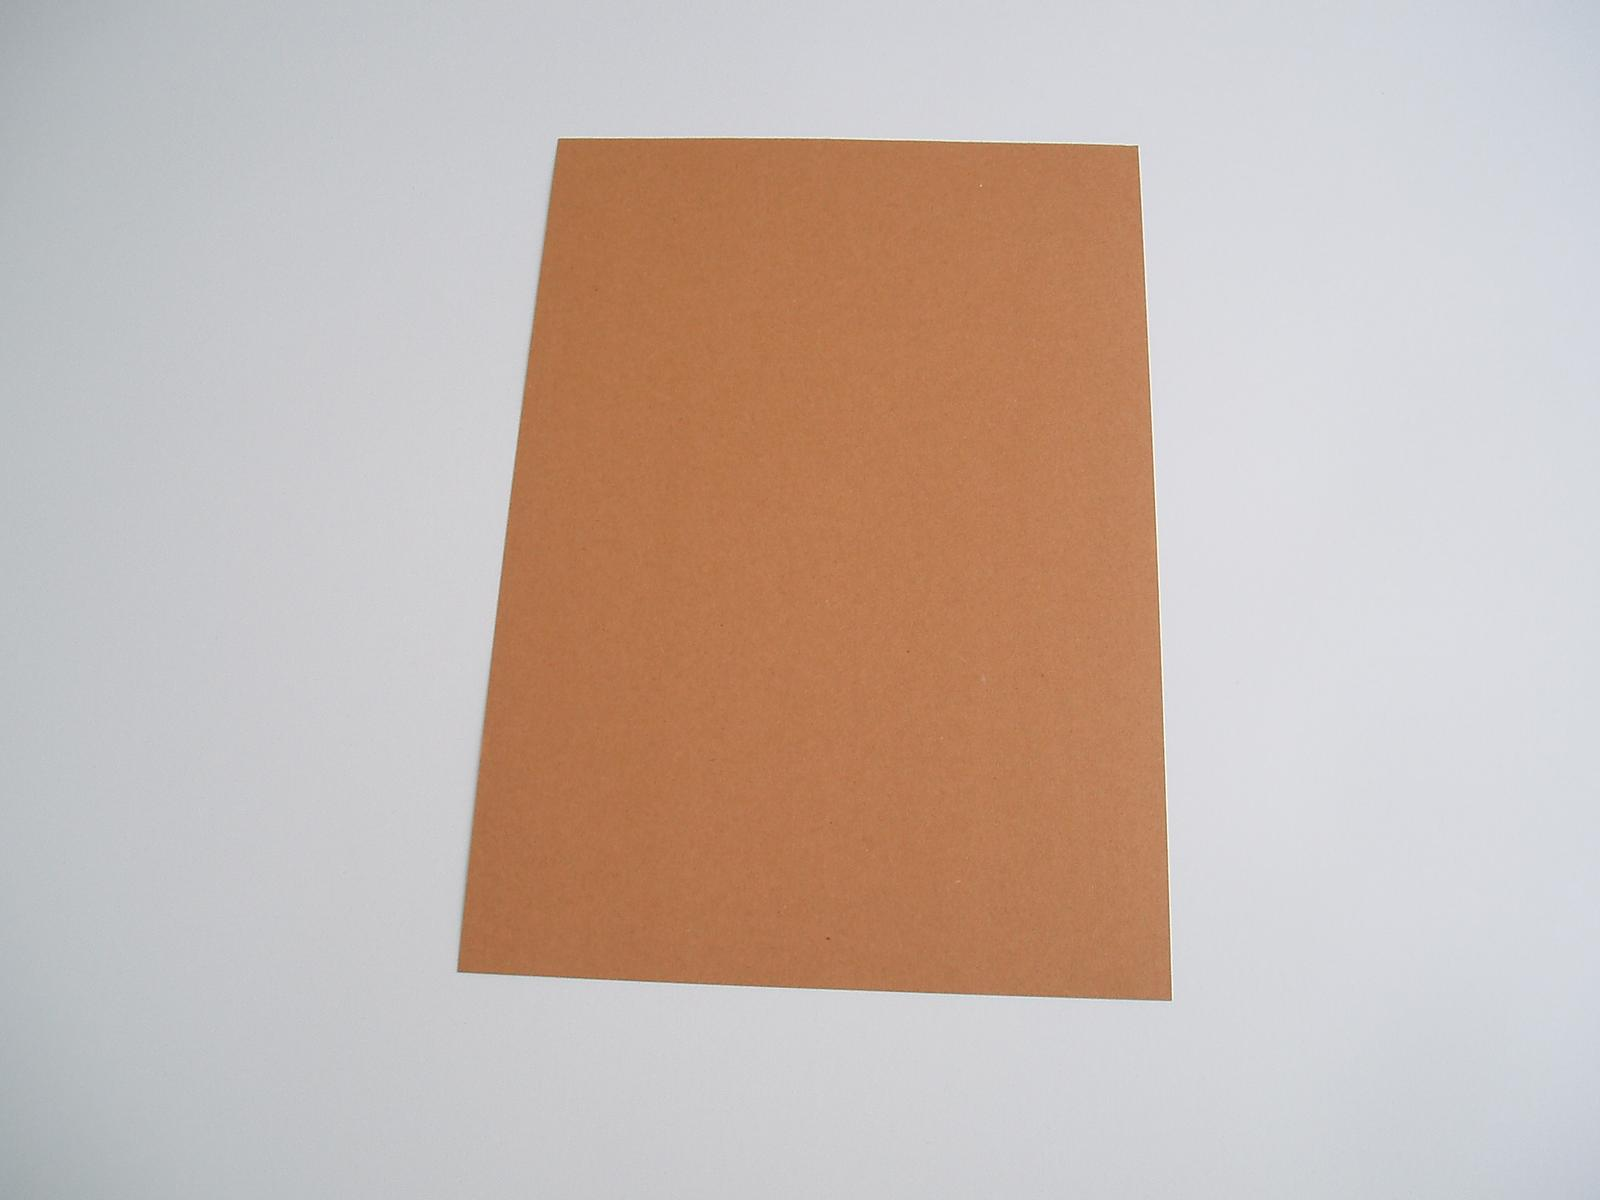 kraftový papír - Obrázek č. 3